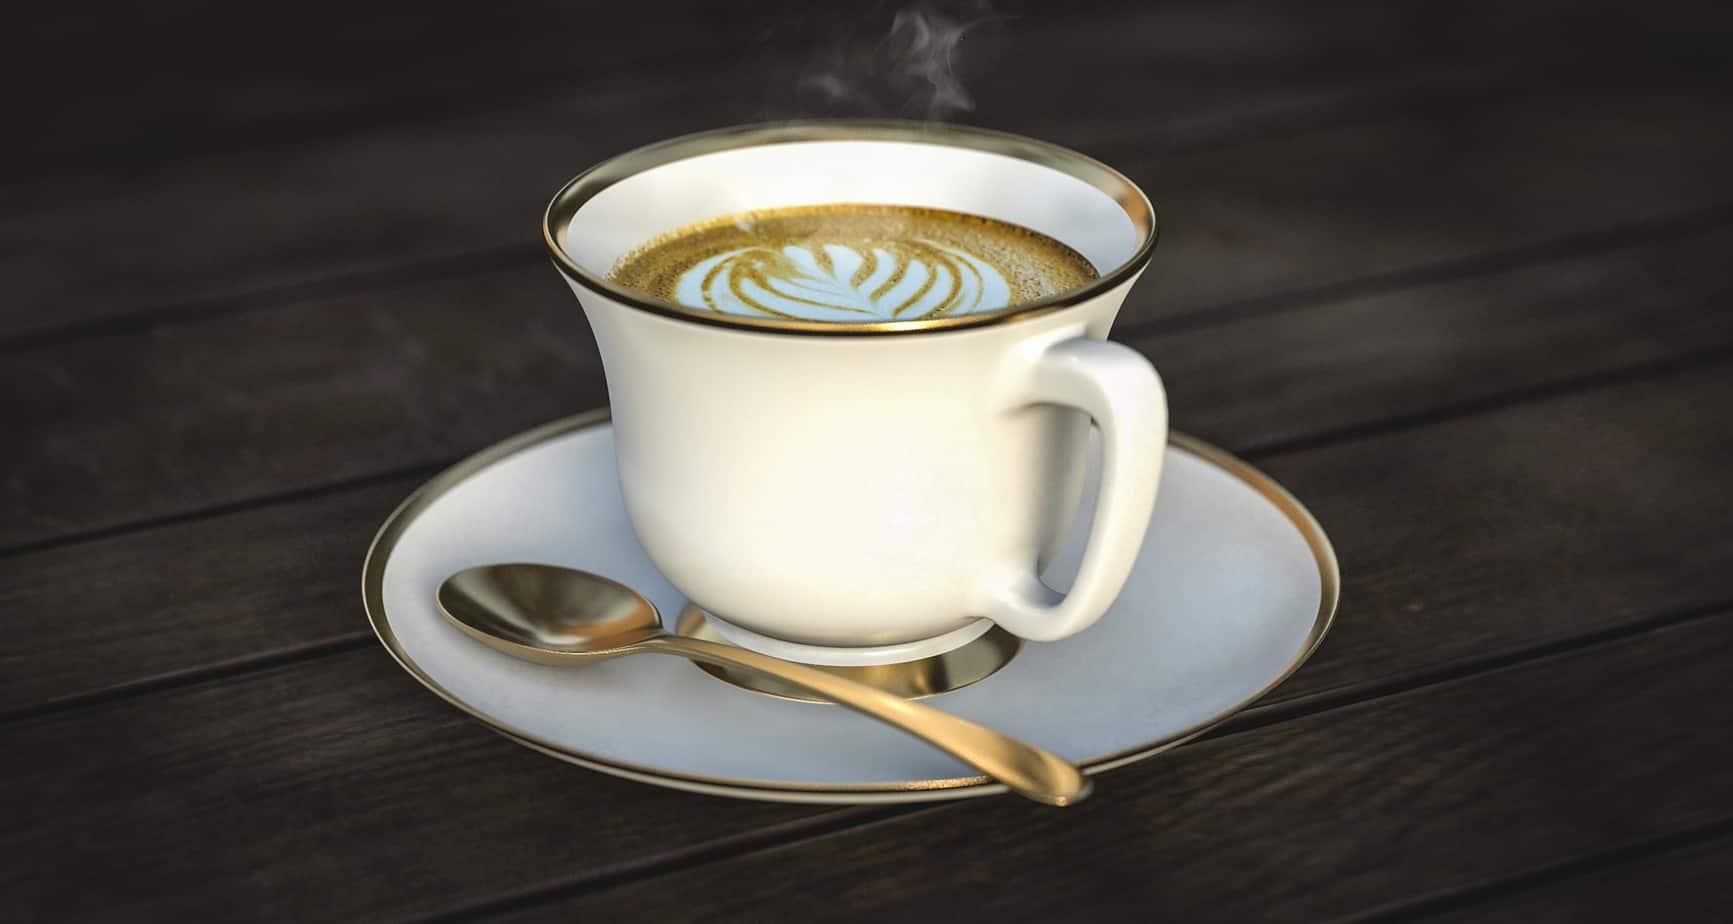 Es geht doch nichts über eine frische Tasse Kaffee bei einem guten Gespräch, oder? ;-)